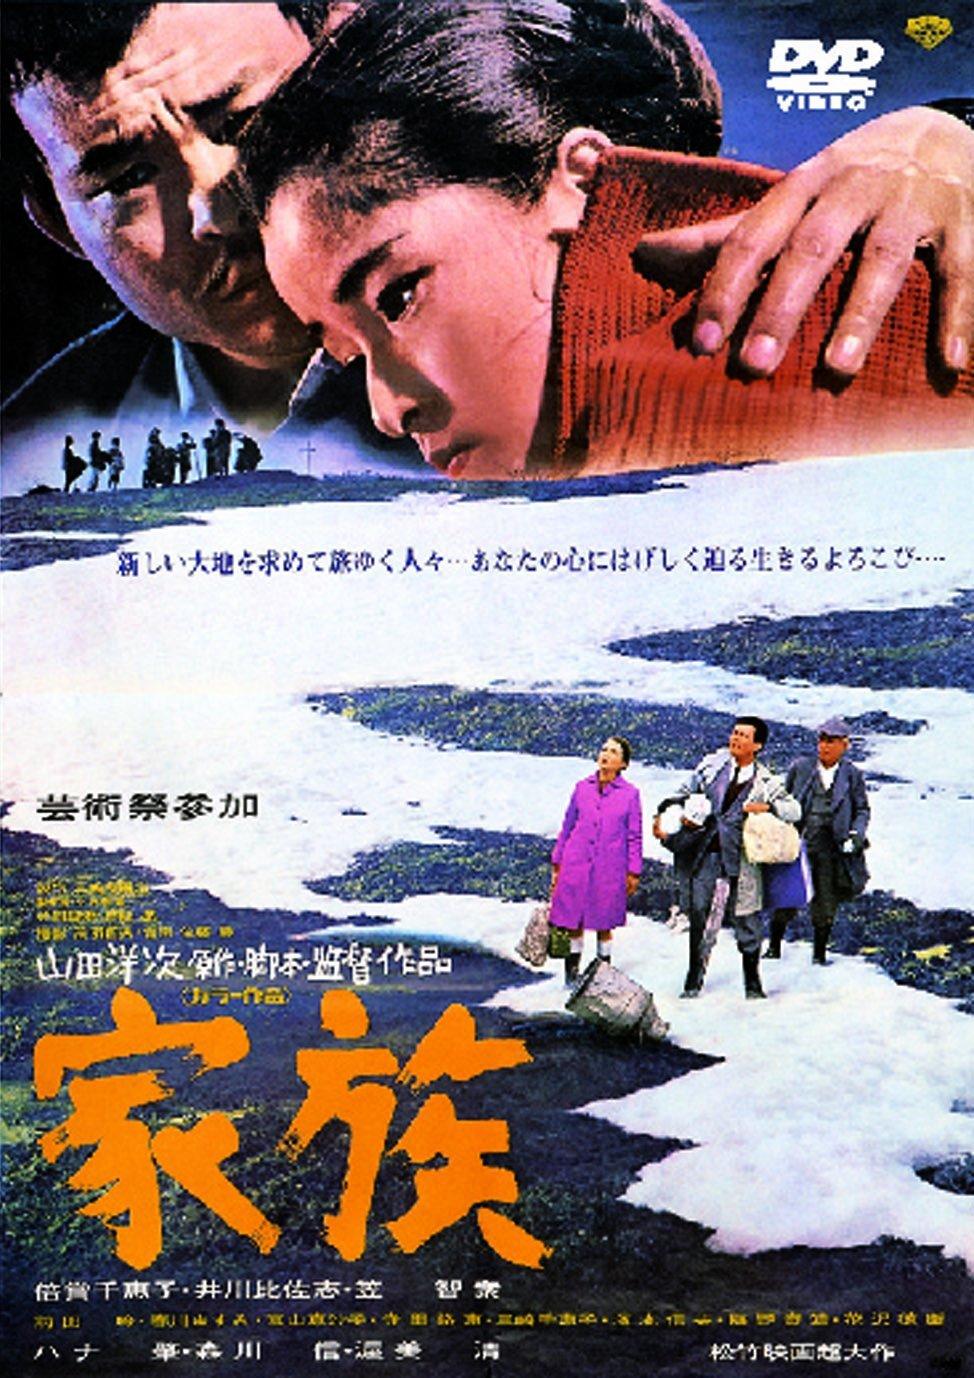 山田洋次監督作品『妻よ薔薇のように 家族はつらいよⅢ』11.7(水)ブルーレイ&DVD Release